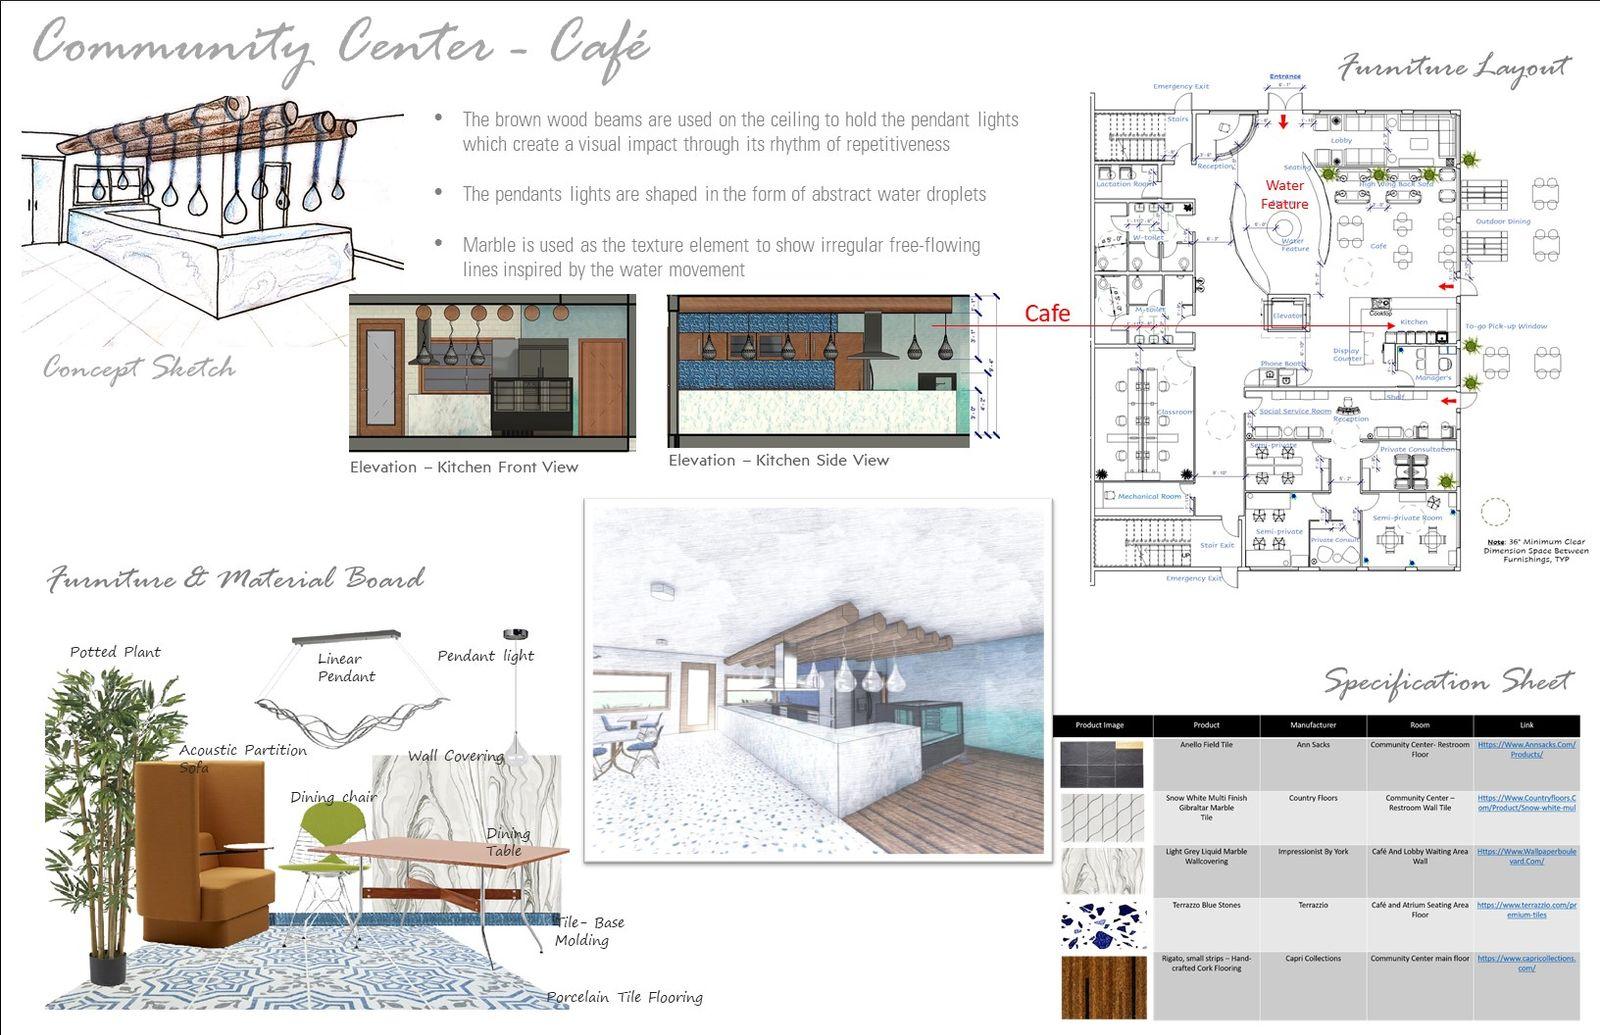 Community Center, Café